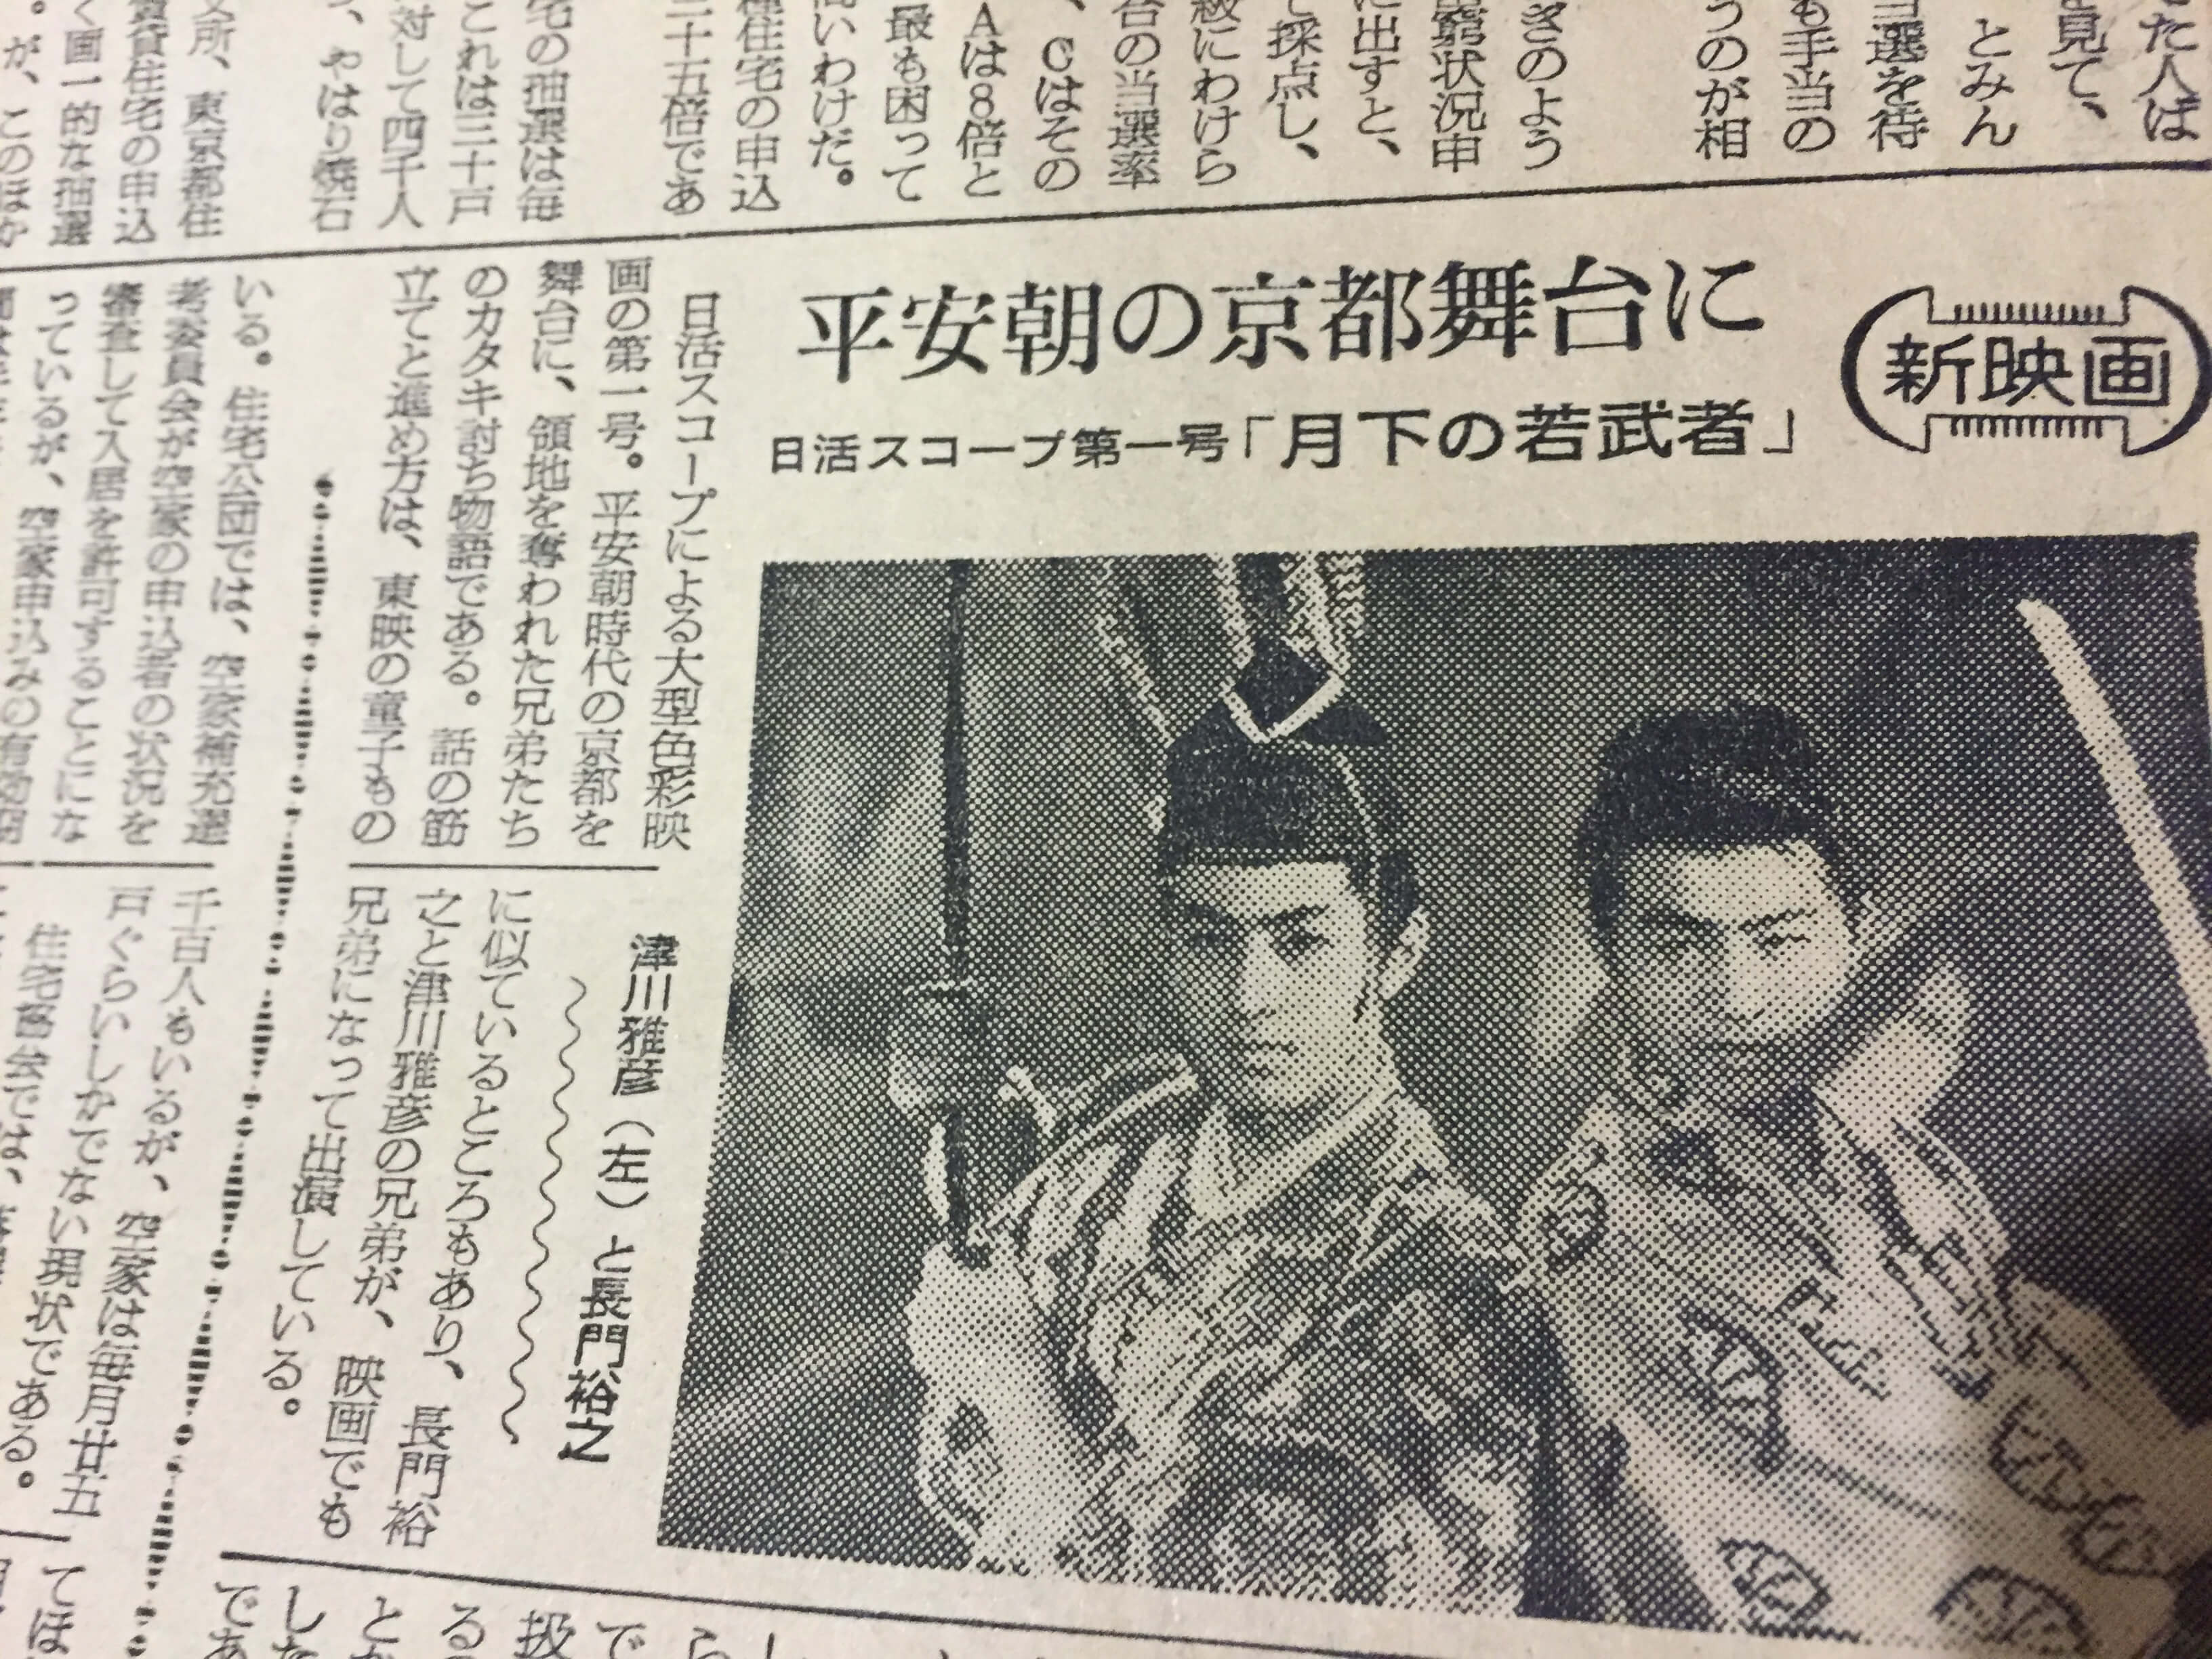 昭和32年7月7日 朝日新聞